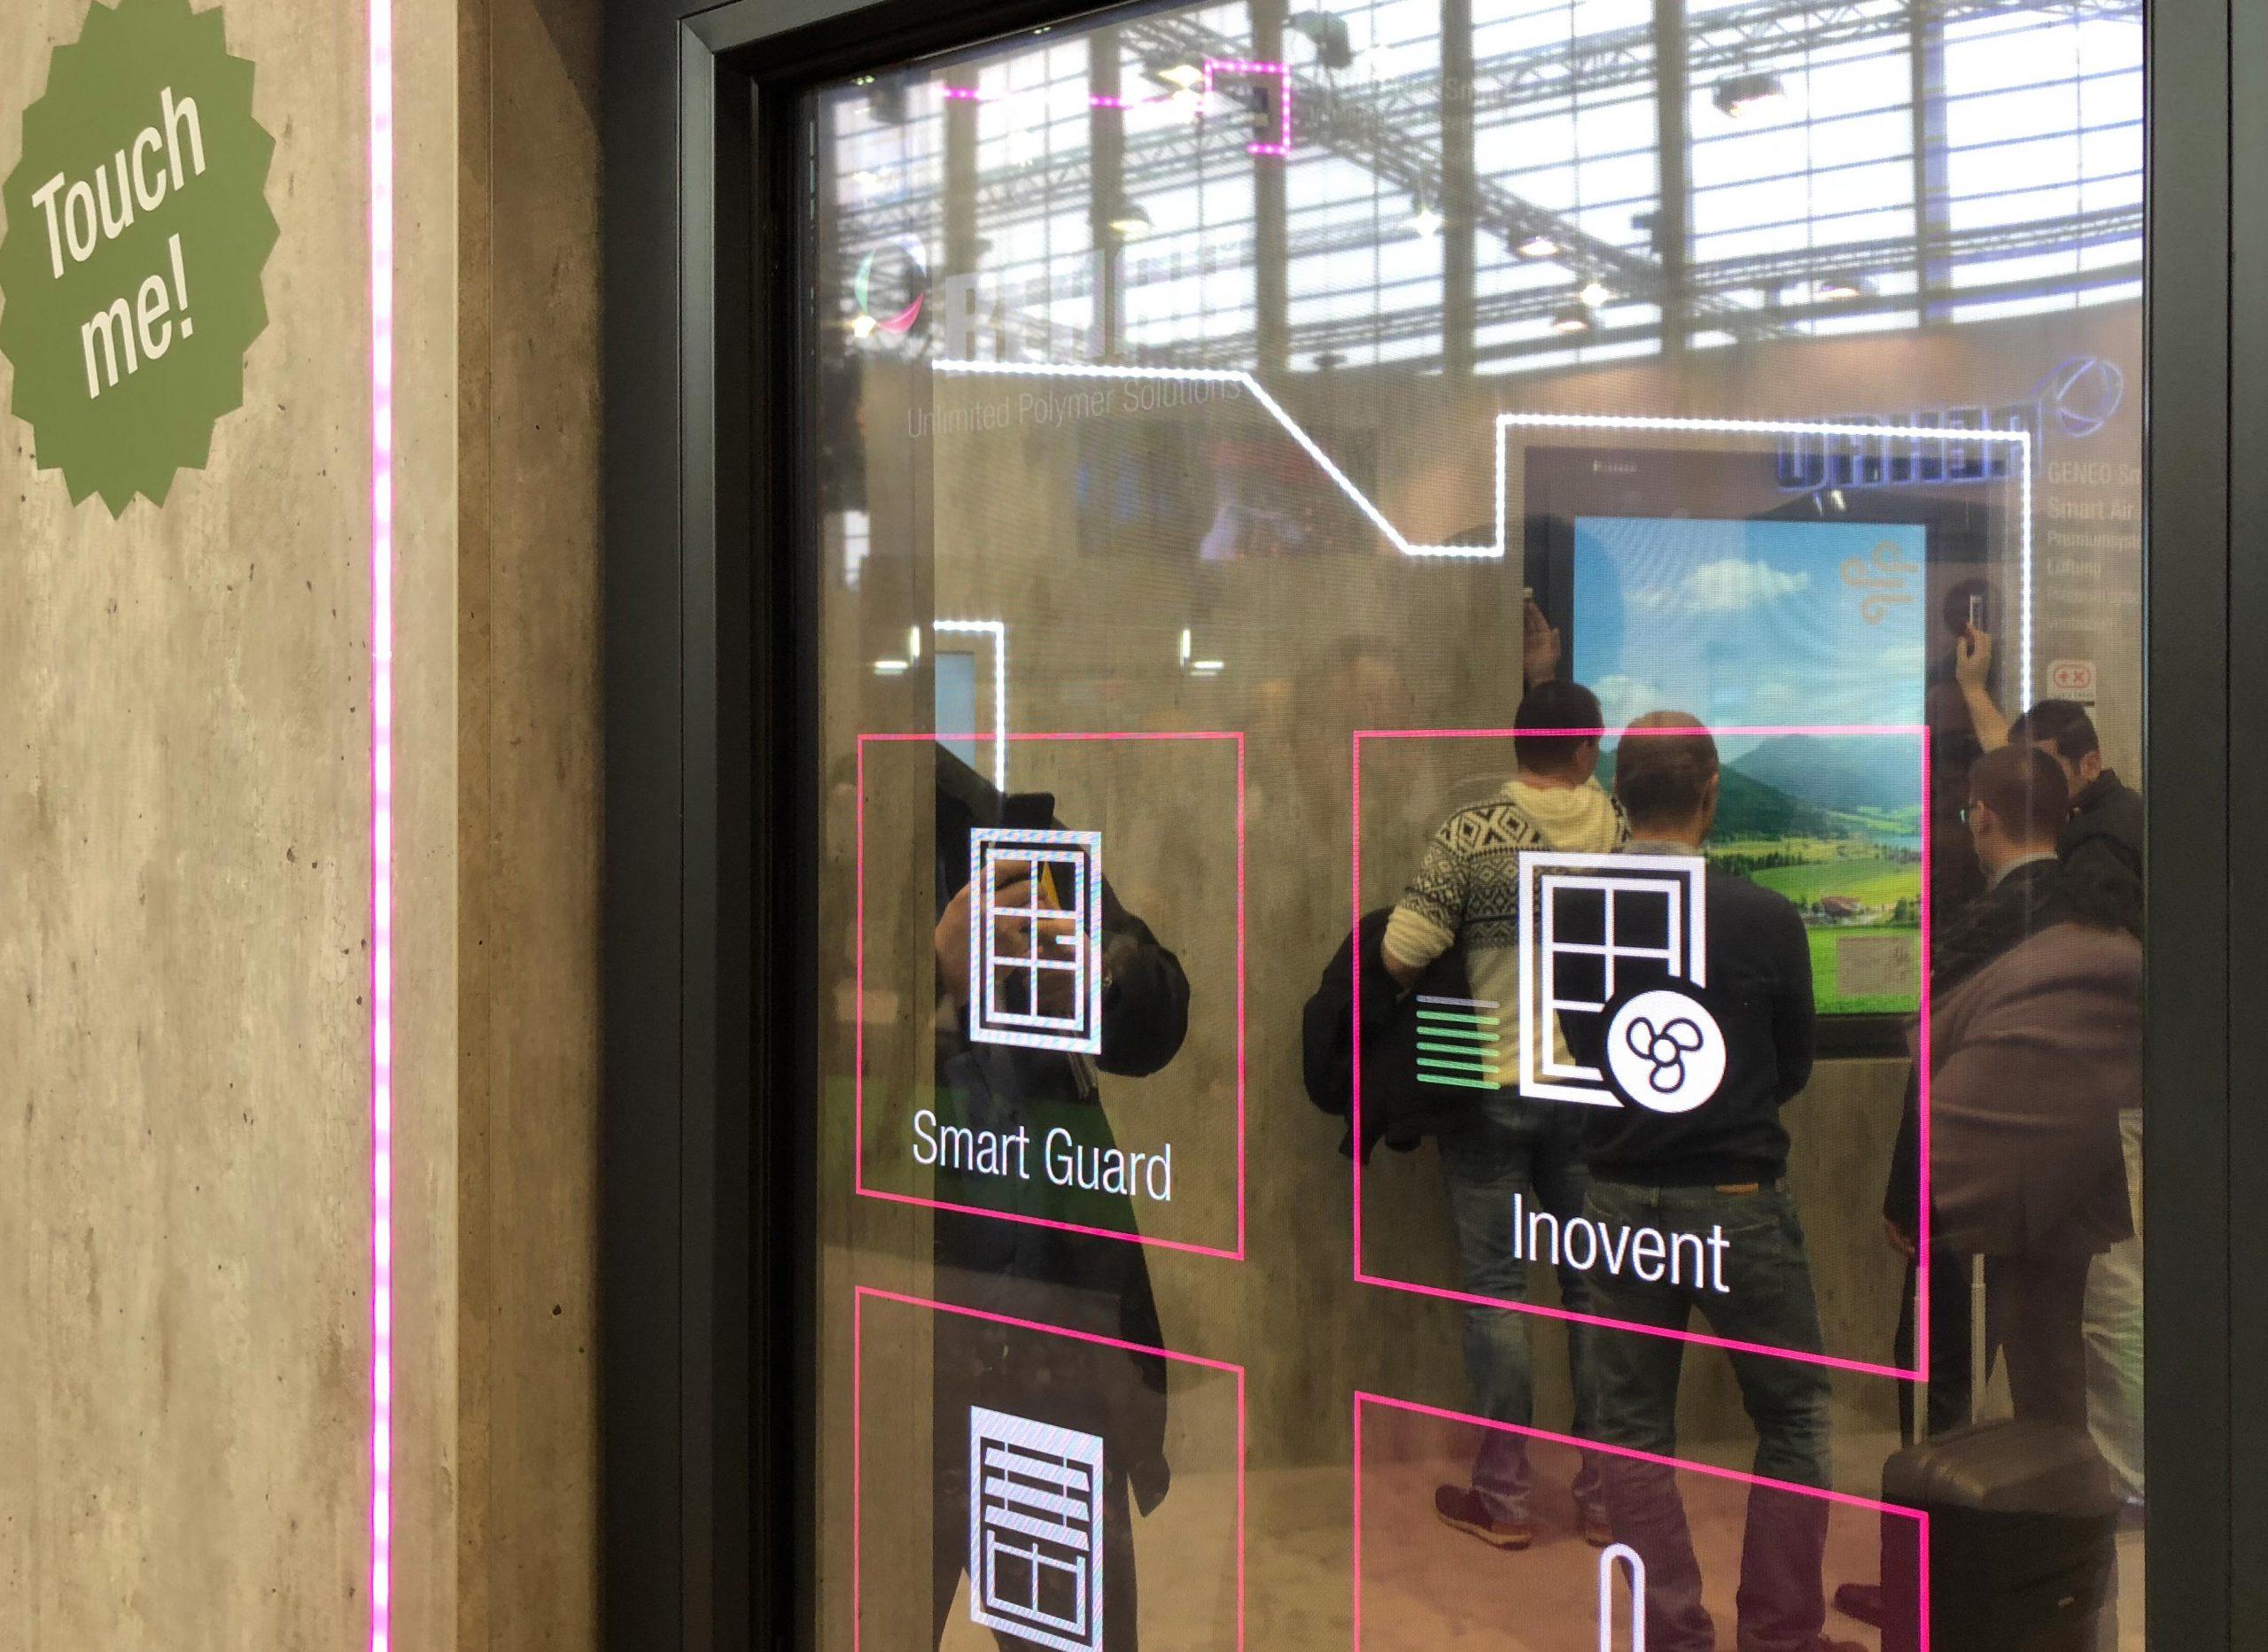 Full Size of Rehau Fenster Visionen Mit Digitalem Raffstore Und Fenstergroem Touchscreen Rc3 Plissee Kaufen In Polen Gitter Einbruchschutz Bauhaus 3 Fach Verglasung Fenster Rehau Fenster